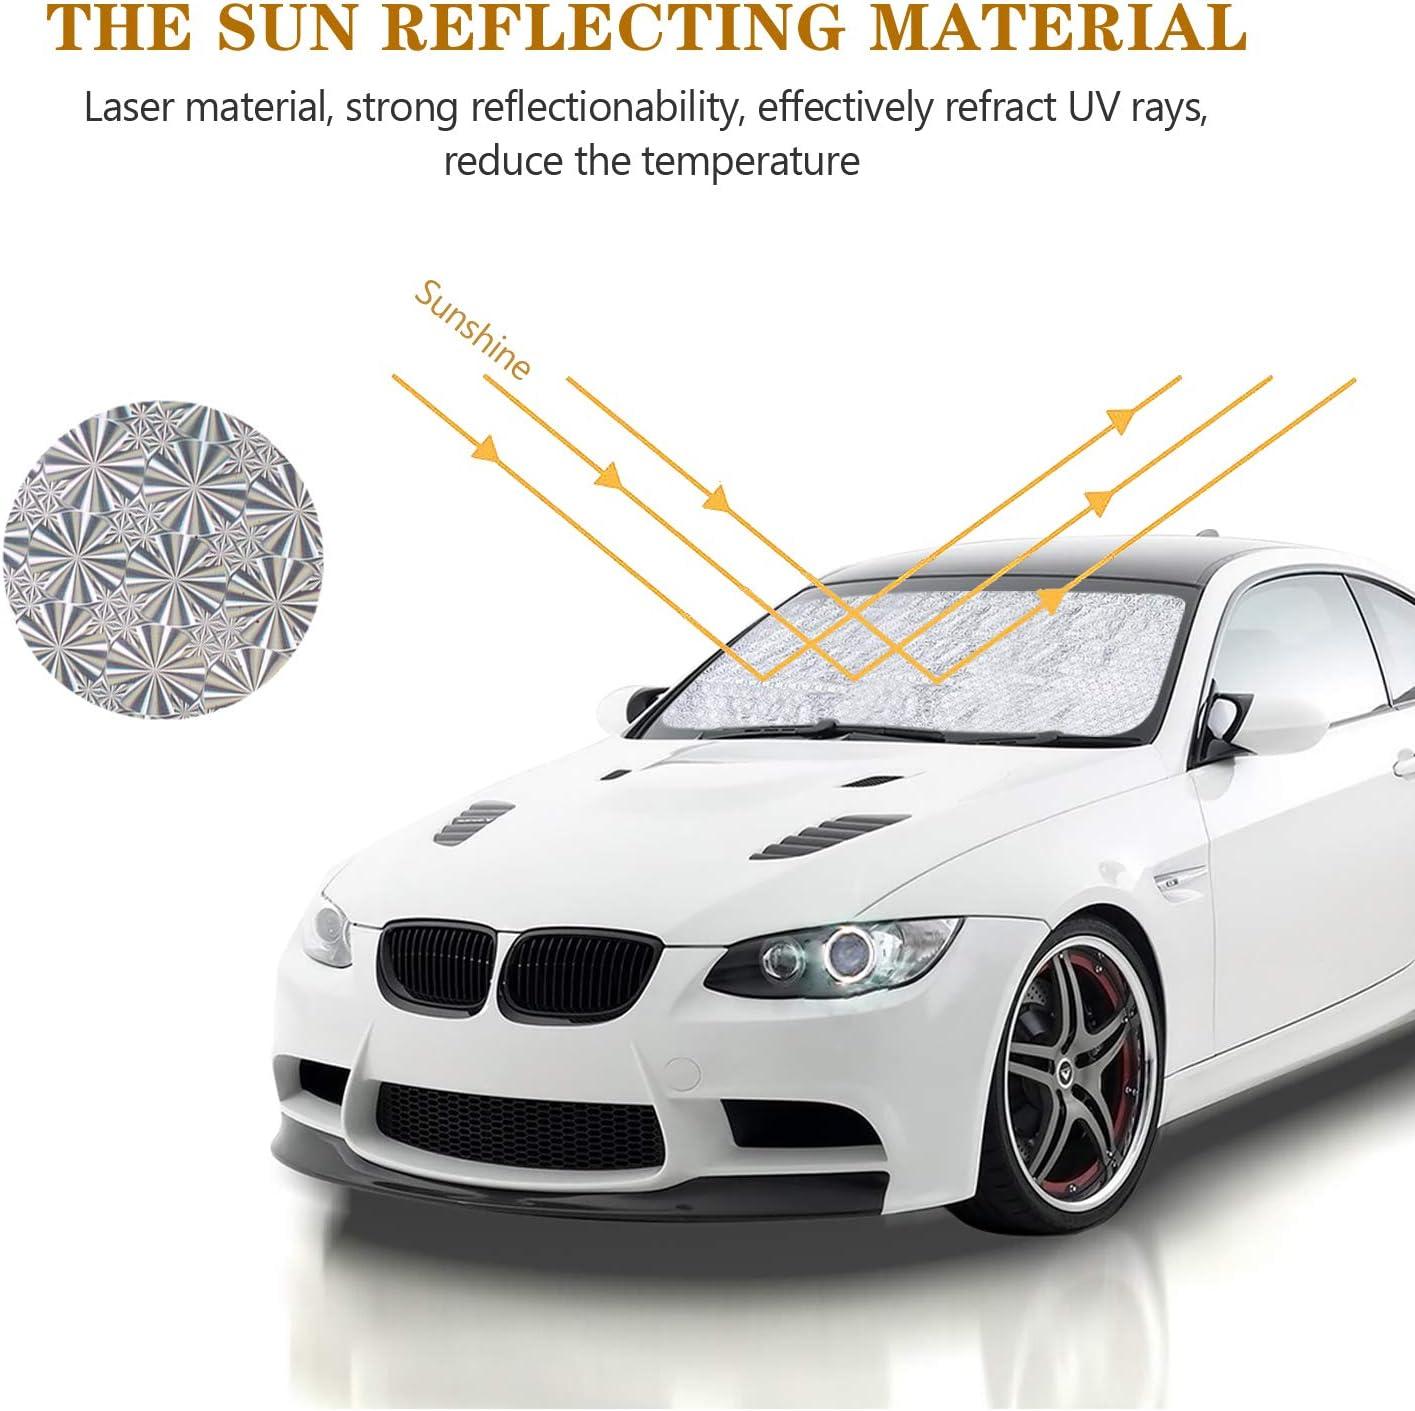 Parasol para ventana de coche Wekon reflector de coche contra los rayos UV de la luz solar protecci/ón contra el sol pantalla solar l/áser retr/áctil para la parte delantera de la ventana trasera